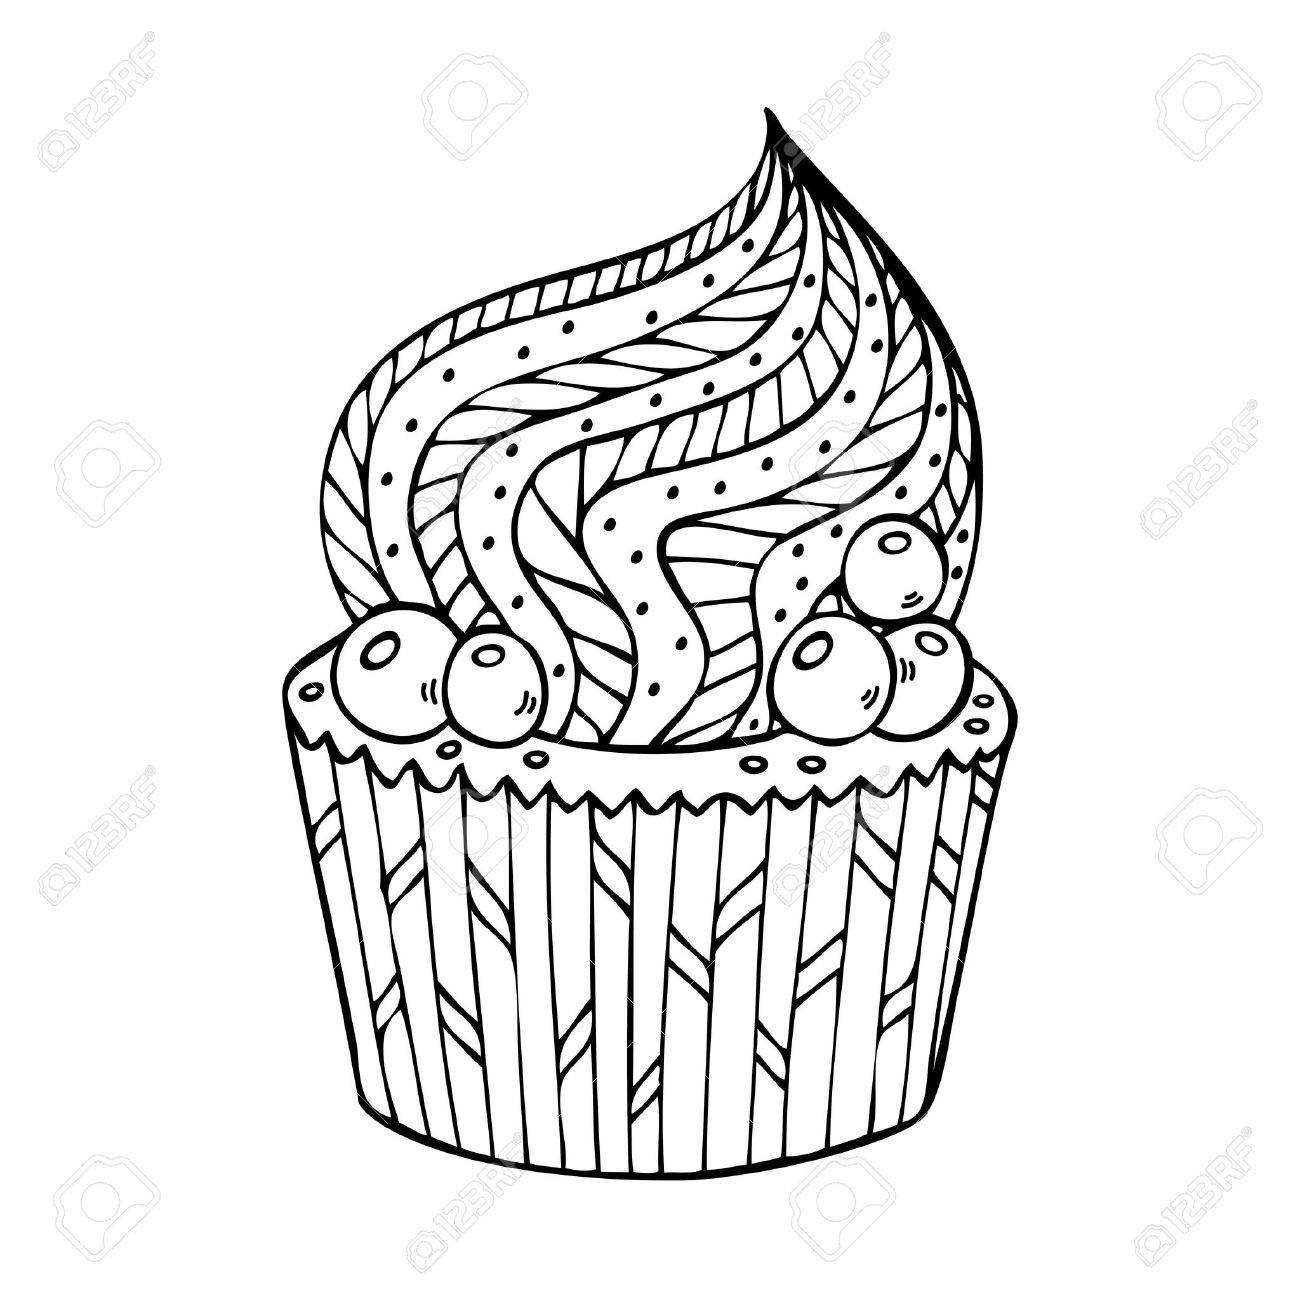 Coloriage Cupcake Adulte A Imprimer.Cupcake A Colorier Pour Les Adultes Coloriage Livre Page Pour Adulte Illustration Vectorielle Dans Le Style De Zentangle Doodle Ethnique Design